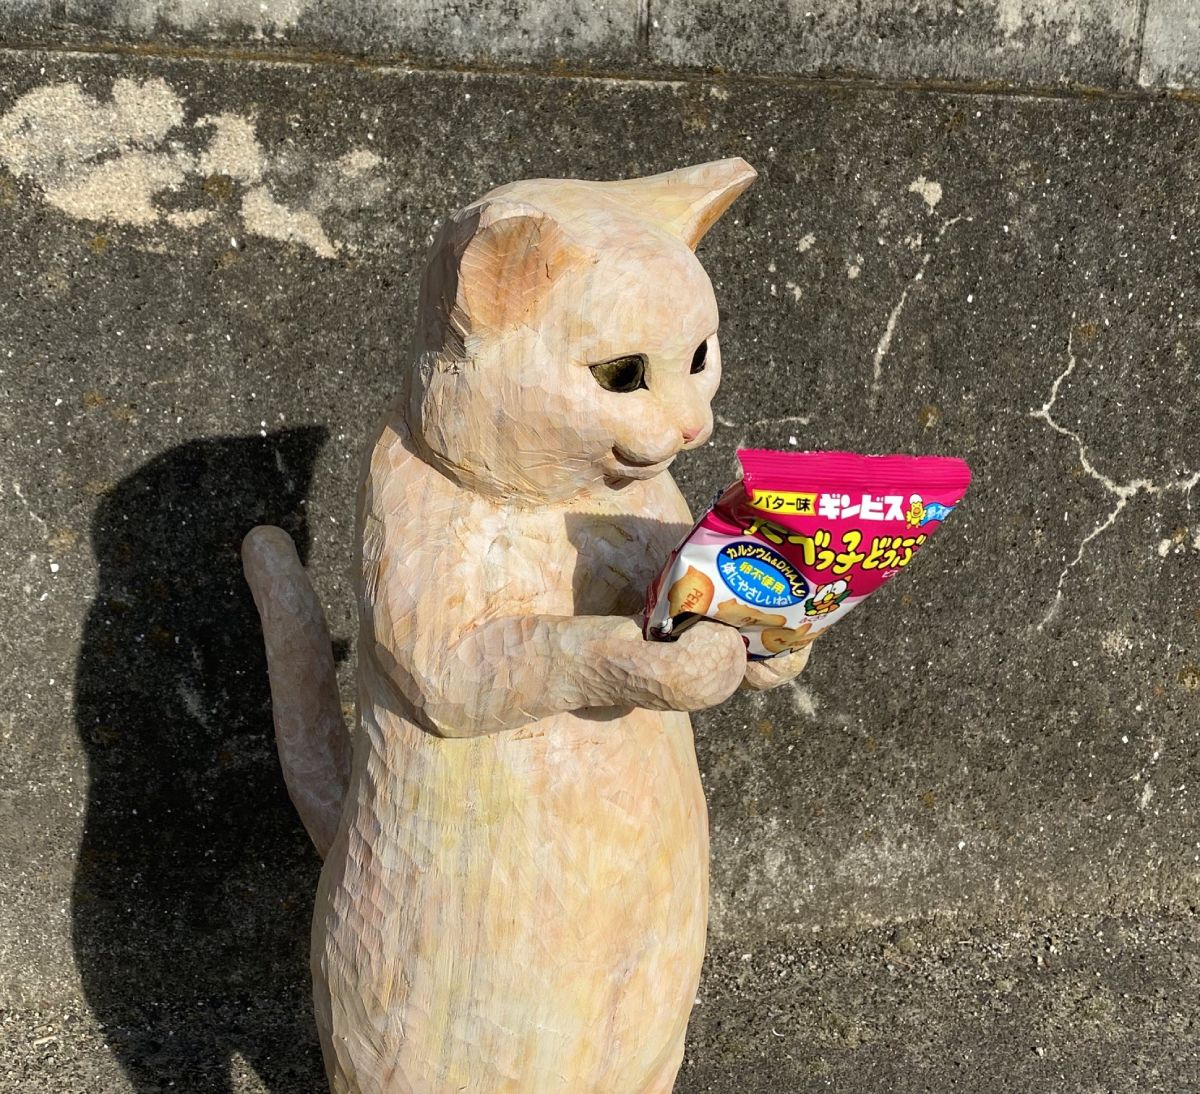 ギンビスが販売展開する「たべっこどうぶつ」を手に取る猫?ちゃん。